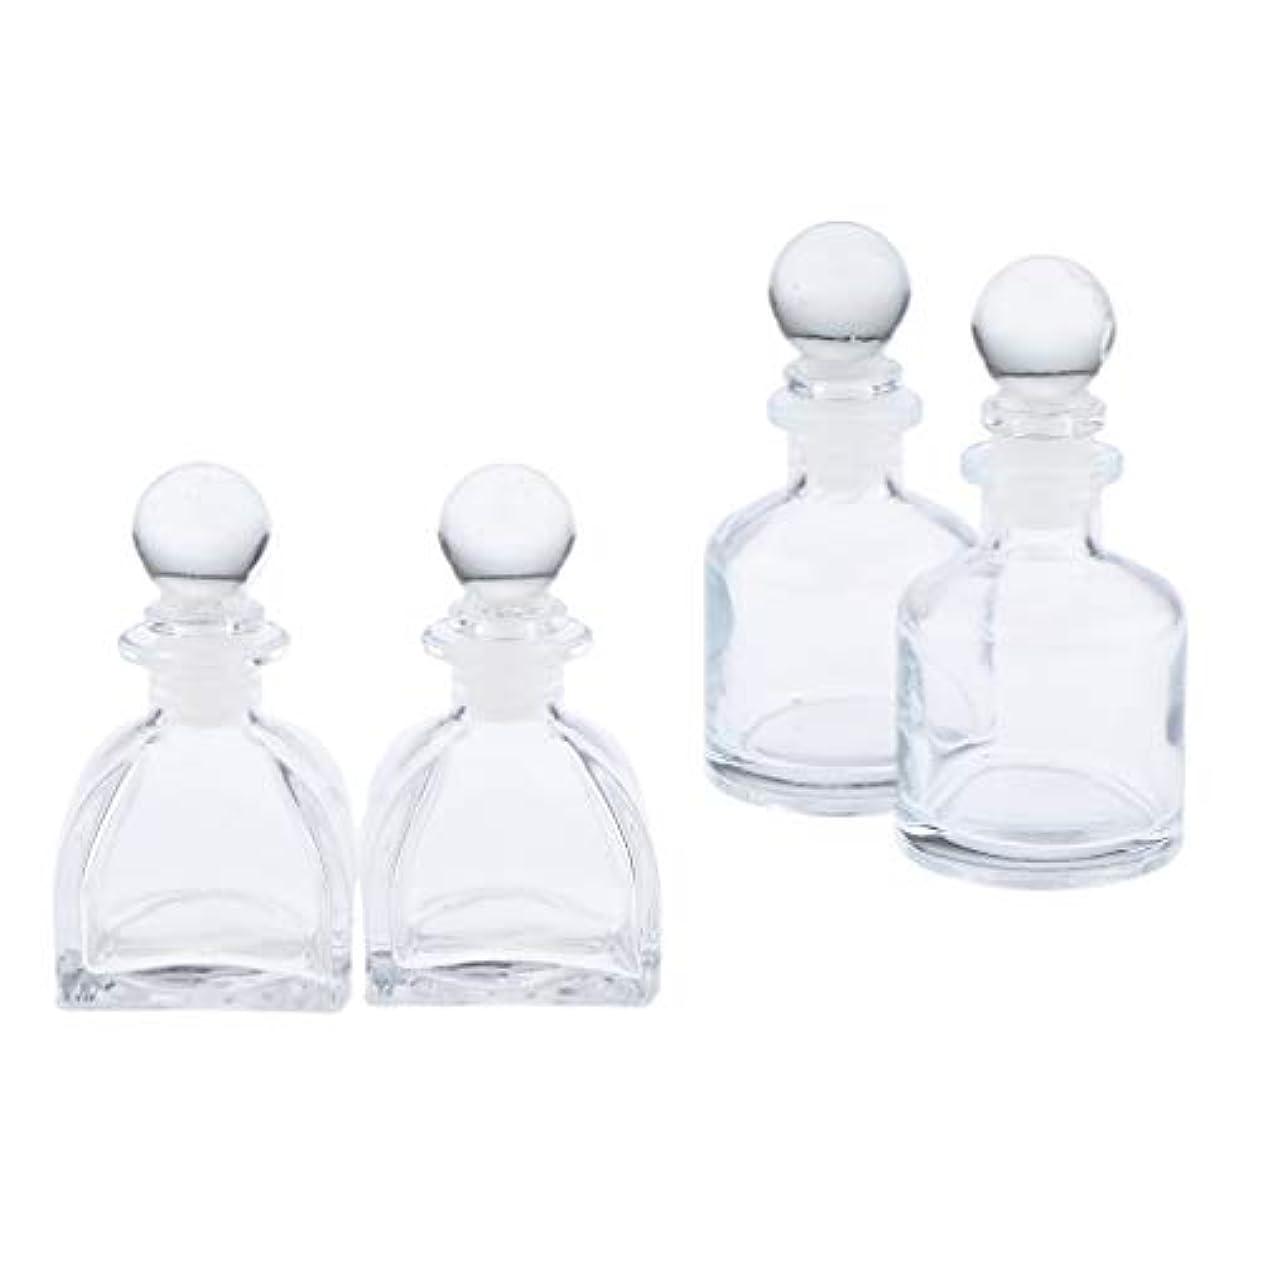 和らげるの中で地質学CUTICATE 全4個 ガラスディフューザーボトル 空 香水瓶 フレグランス瓶